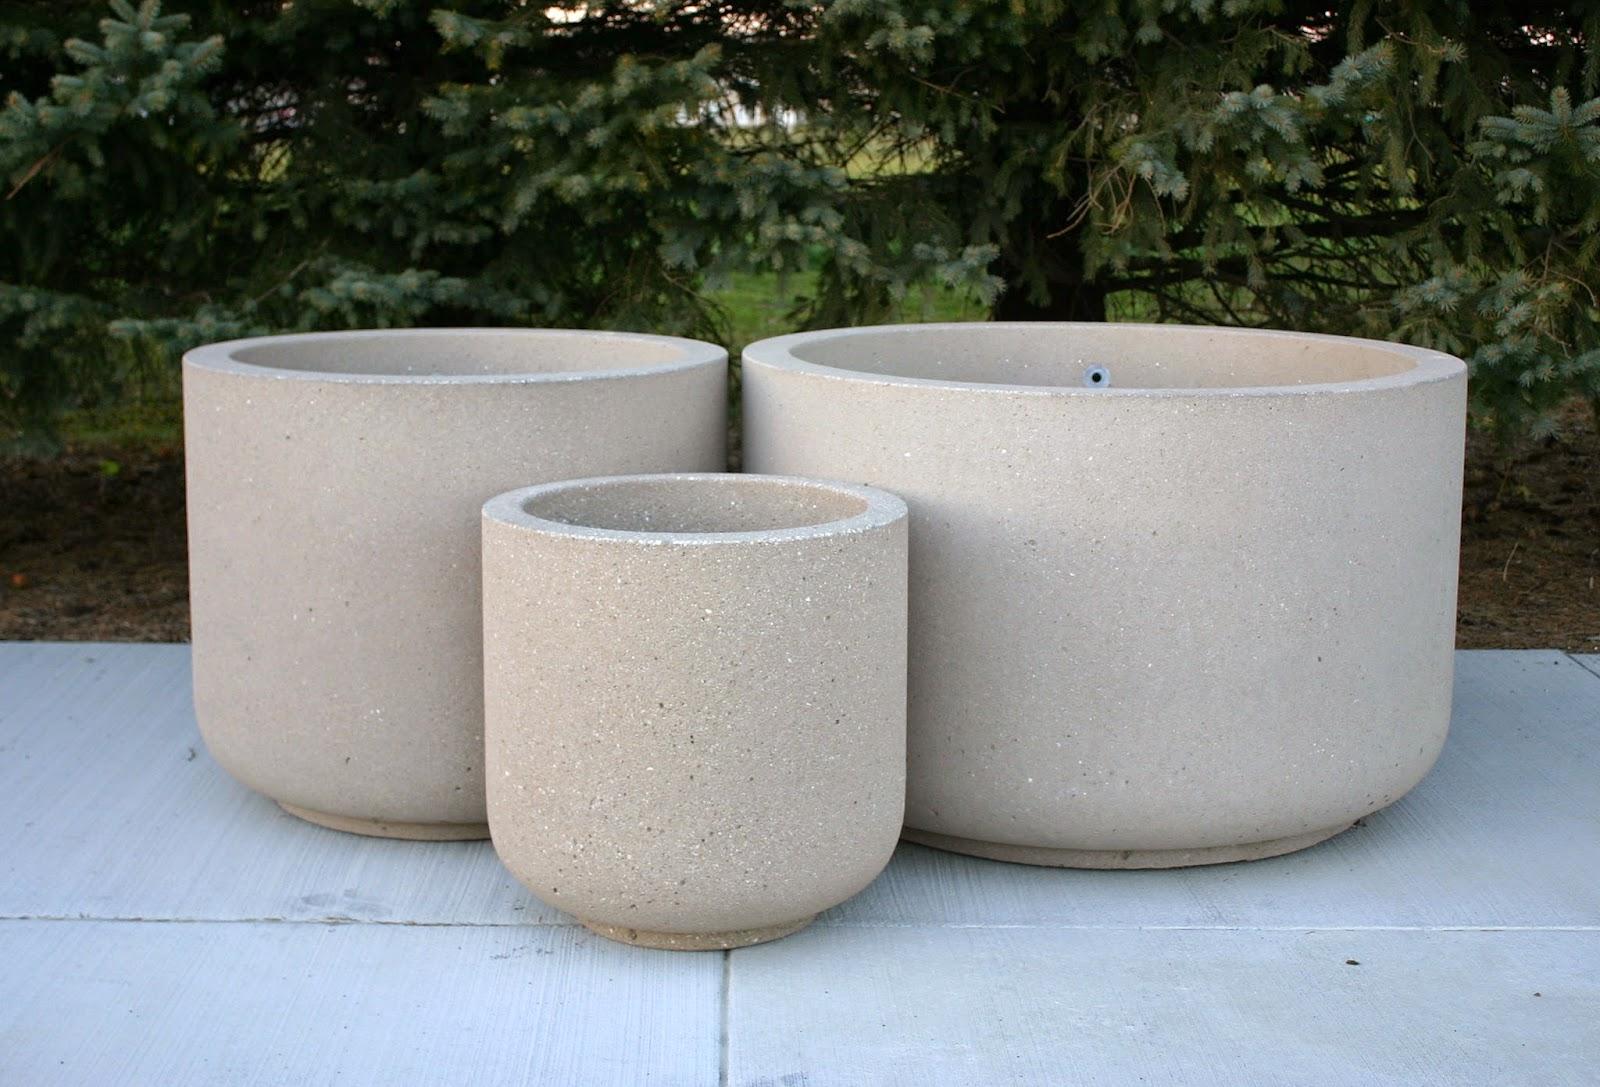 bright-ideas-large-concrete-planters-impressive-design-featured-large-round-concrete-planters.jpg